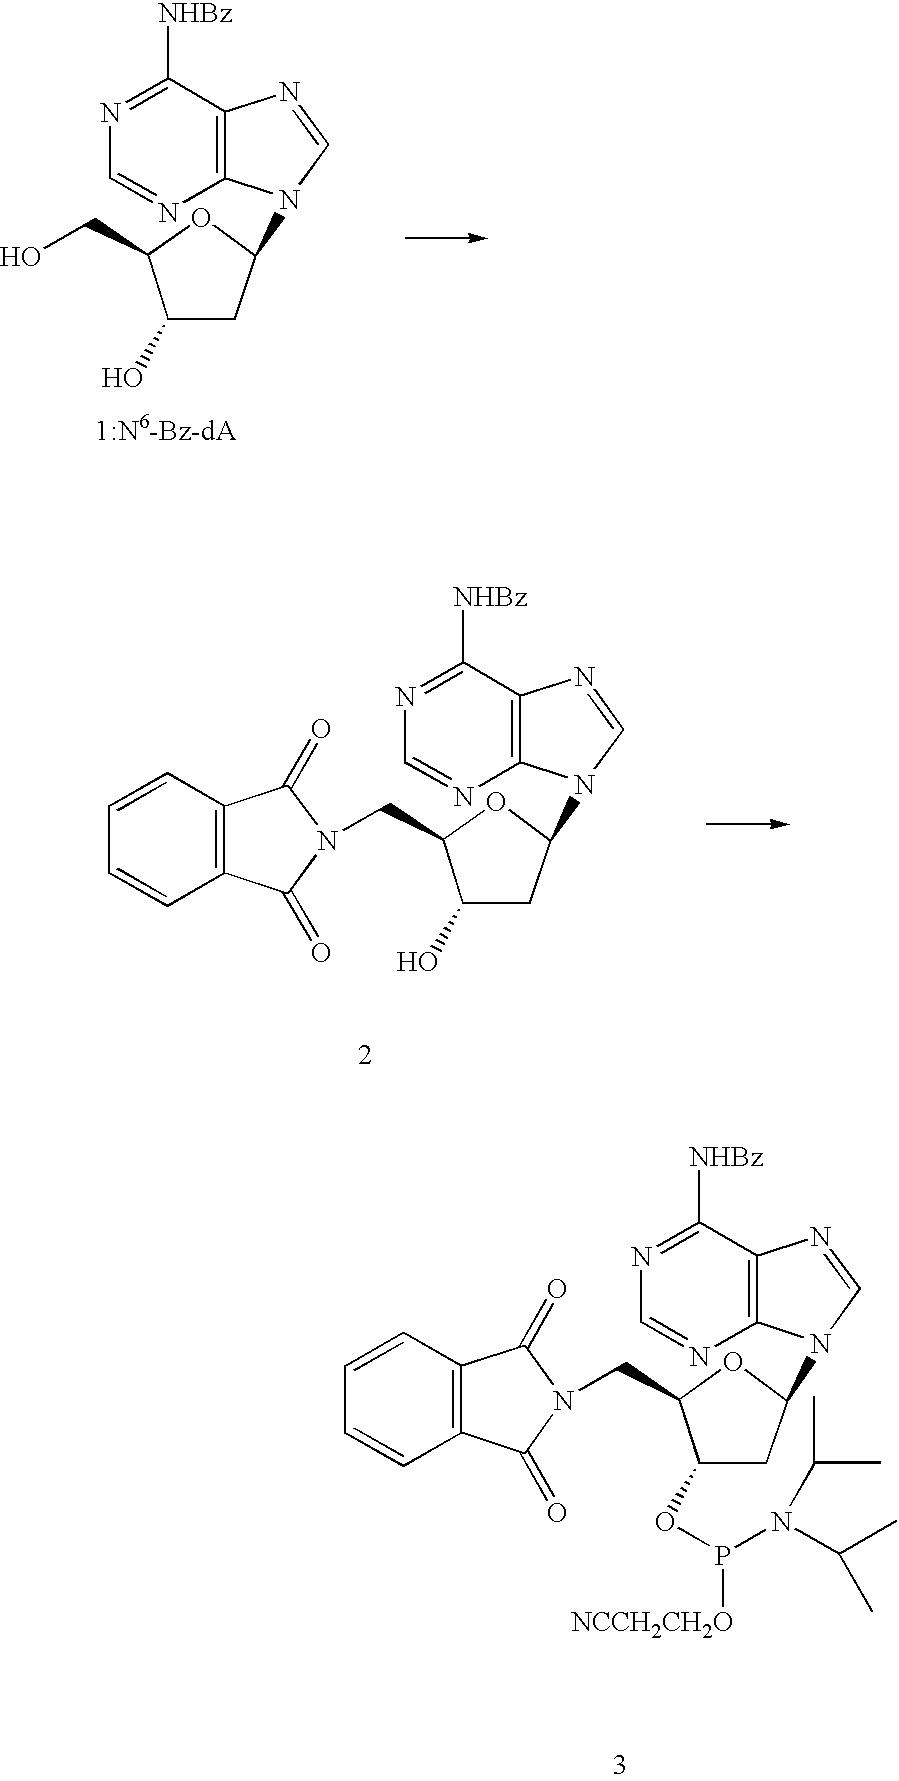 Figure US07164014-20070116-C00008